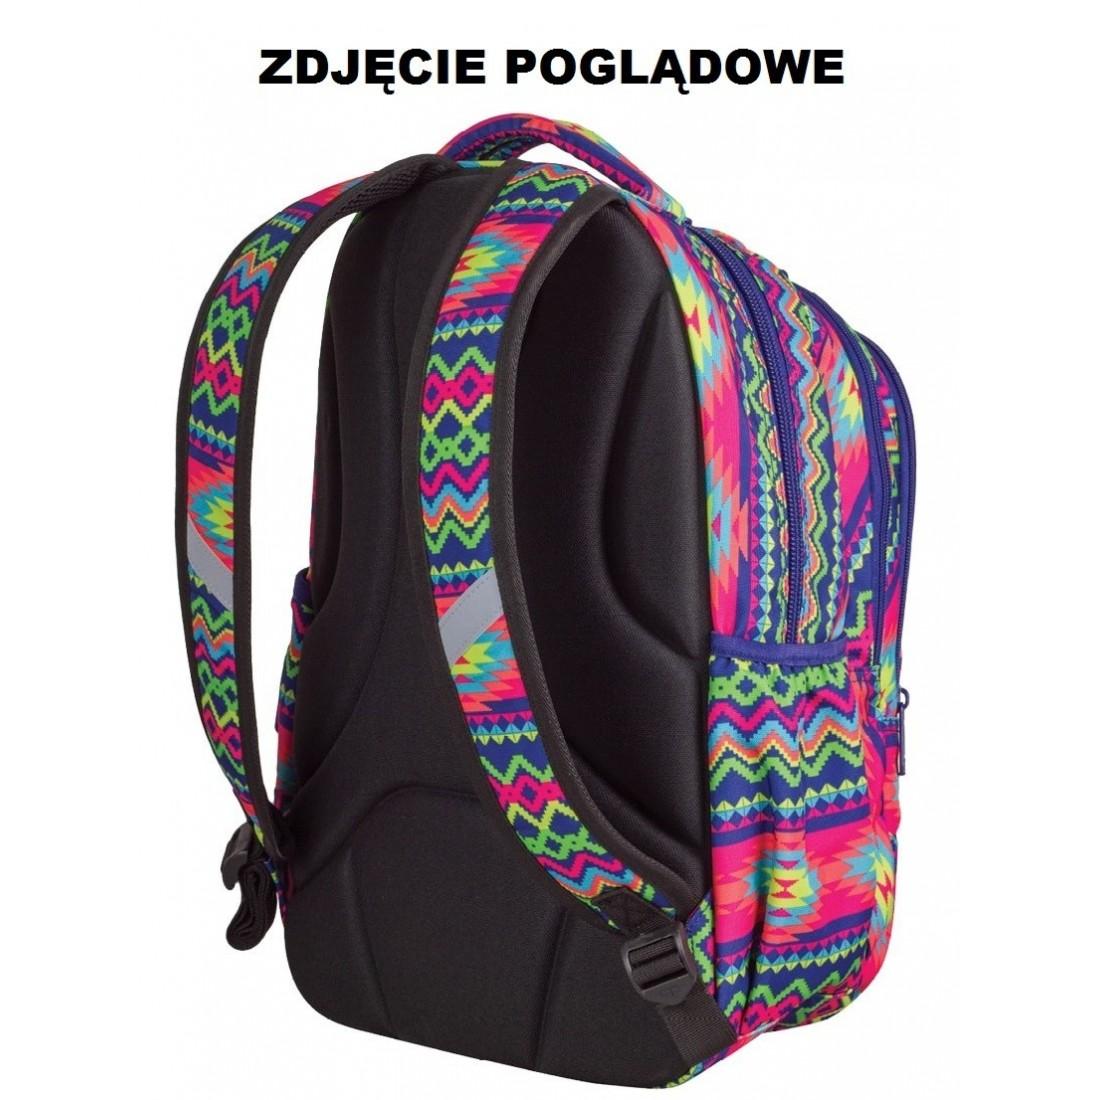 Lekki plecak młodzieżowy CoolPack Texture Stripes dla dziewczyny - plecak-tornister.pl